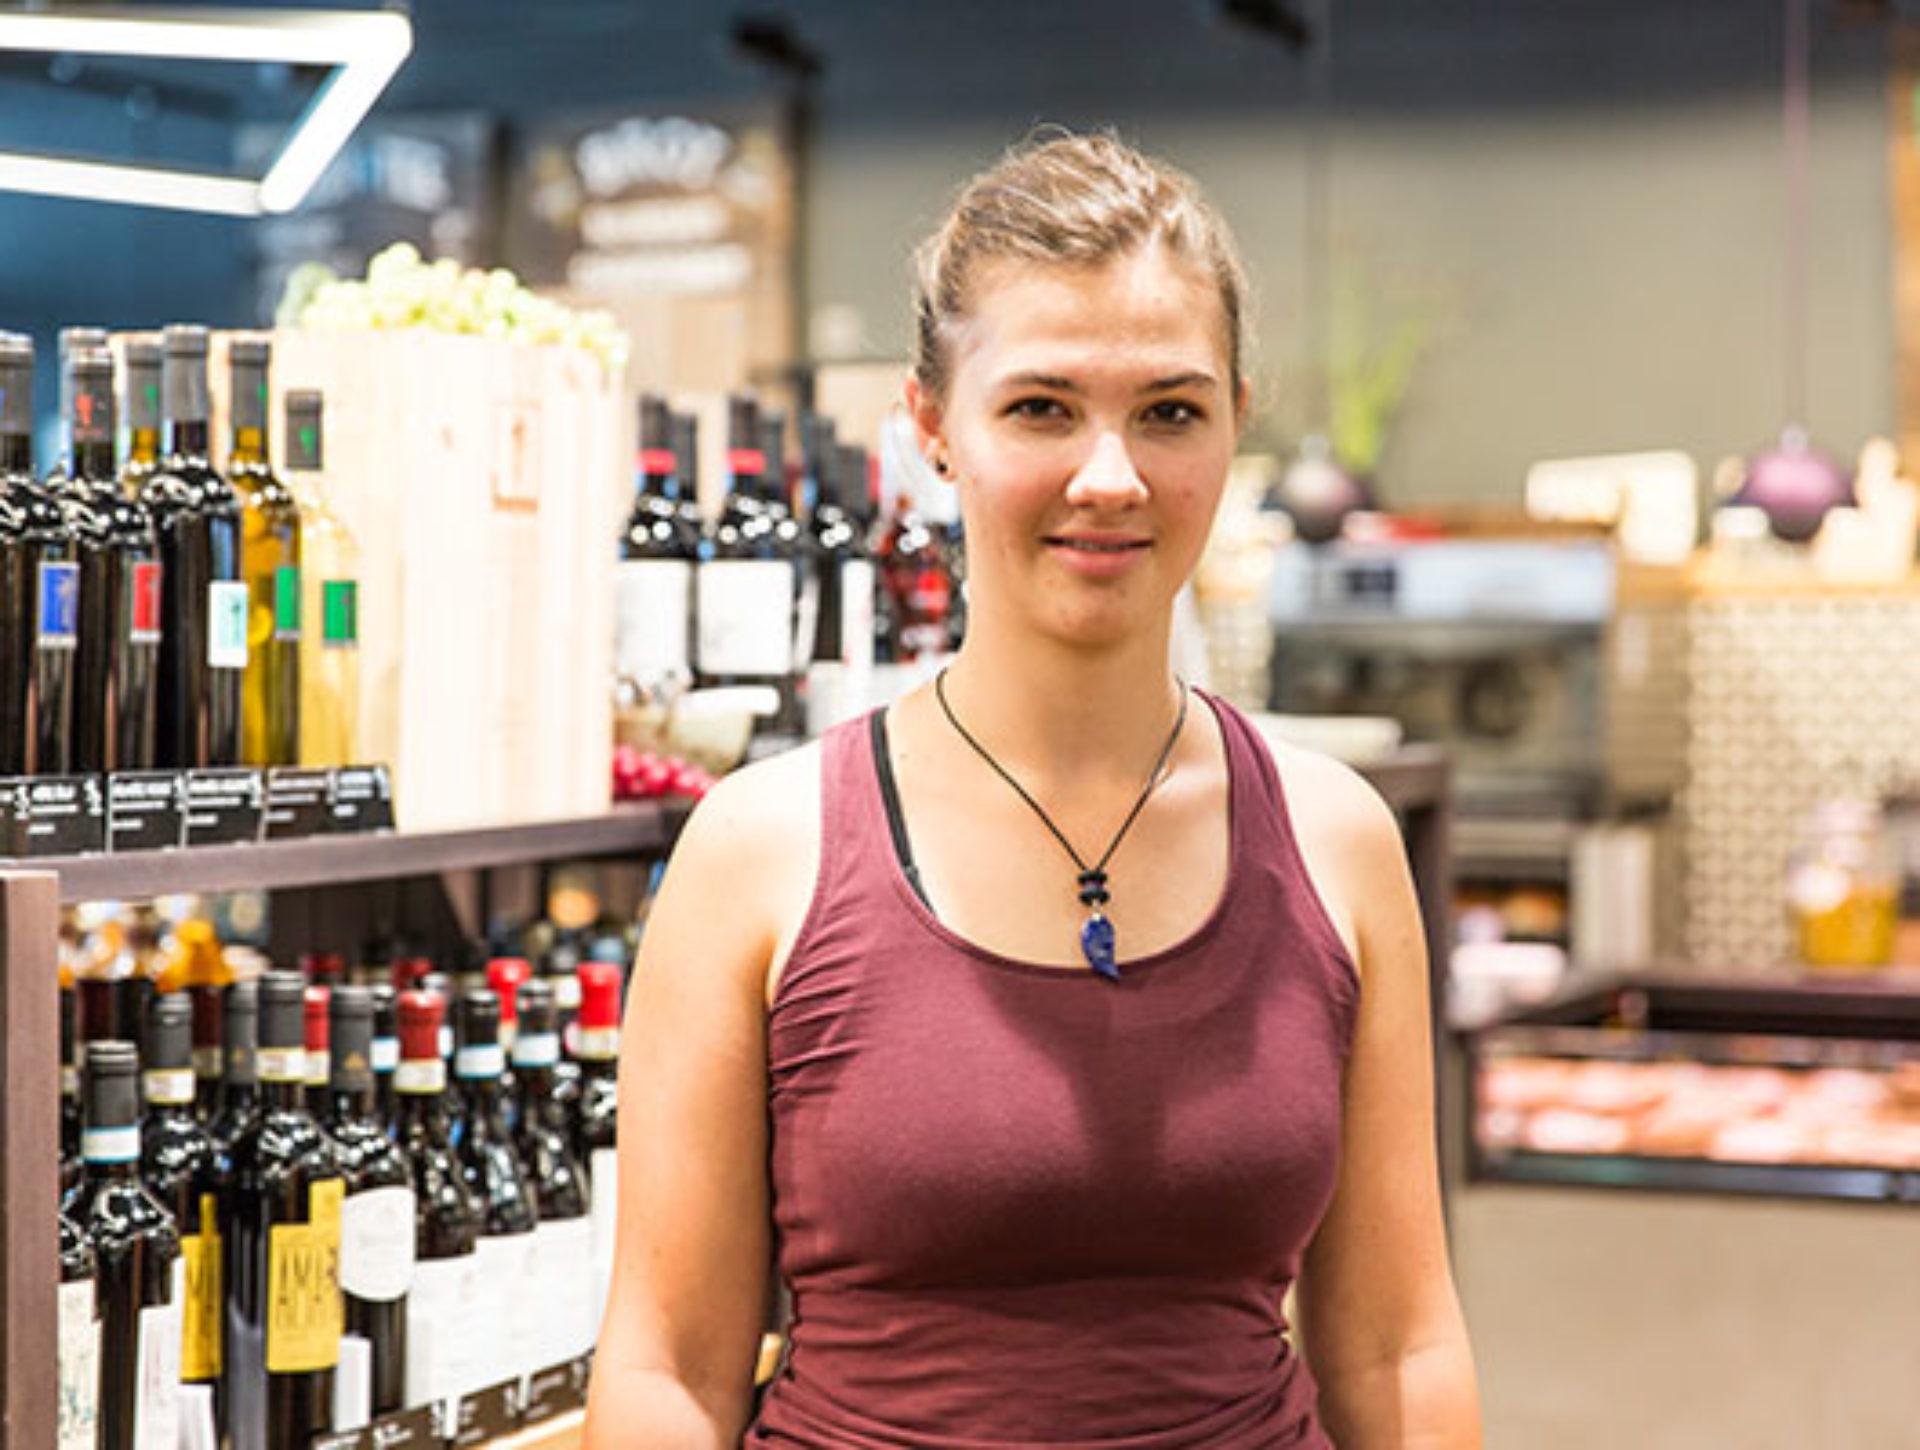 Nicole Achermann, Besucherin «Wir sind alle Biofans in der Familie und heute haben wir zufällig auf einem Ausflug den Quai4-Markt und das Restaurant entdeckt. Sehr schön!»